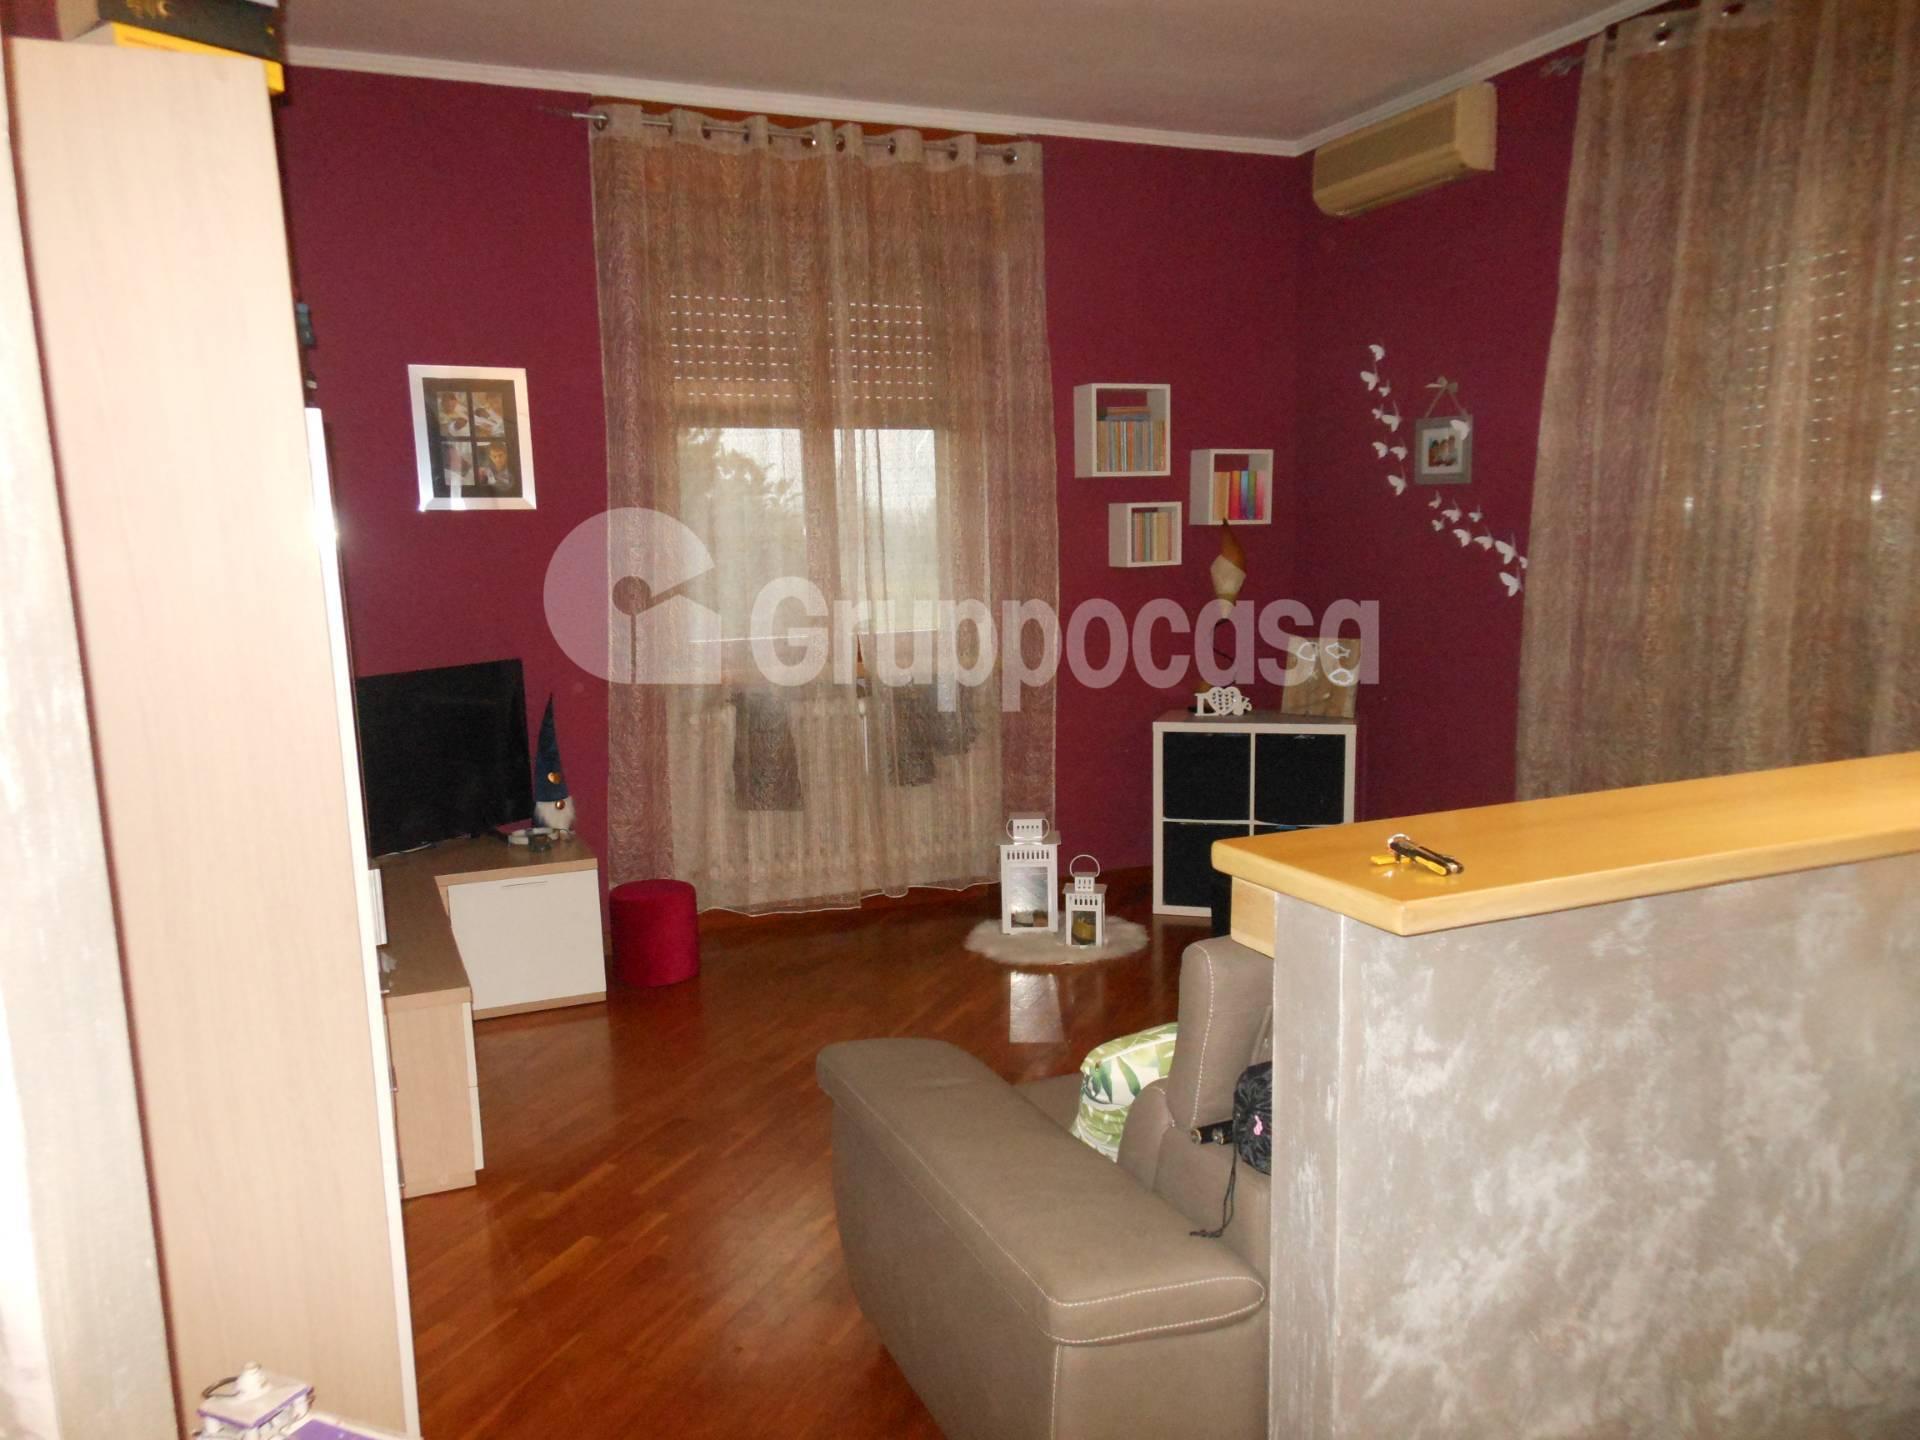 Appartamento in vendita a Magenta, 3 locali, prezzo € 120.000 | PortaleAgenzieImmobiliari.it